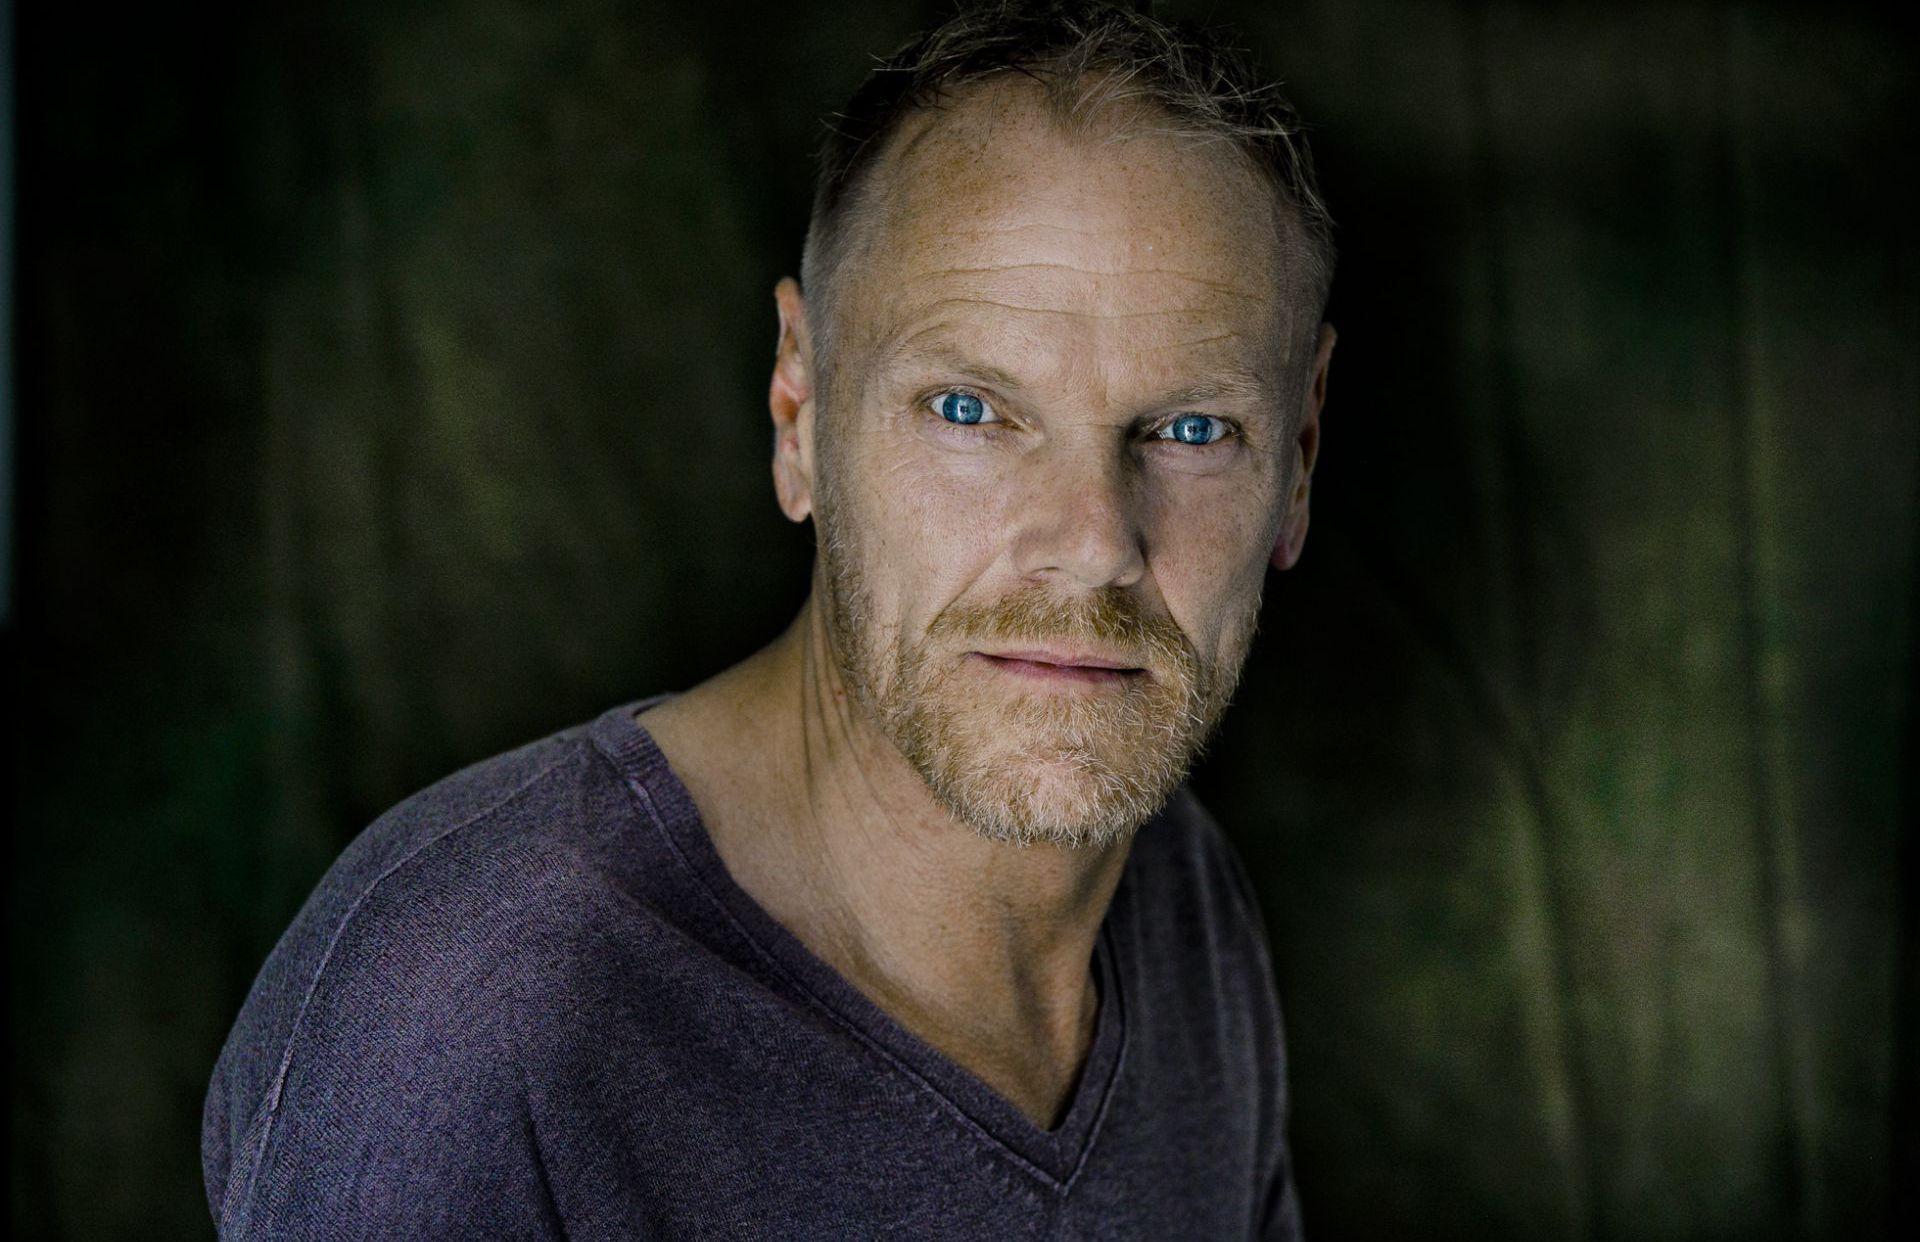 Thomas Meinhardt